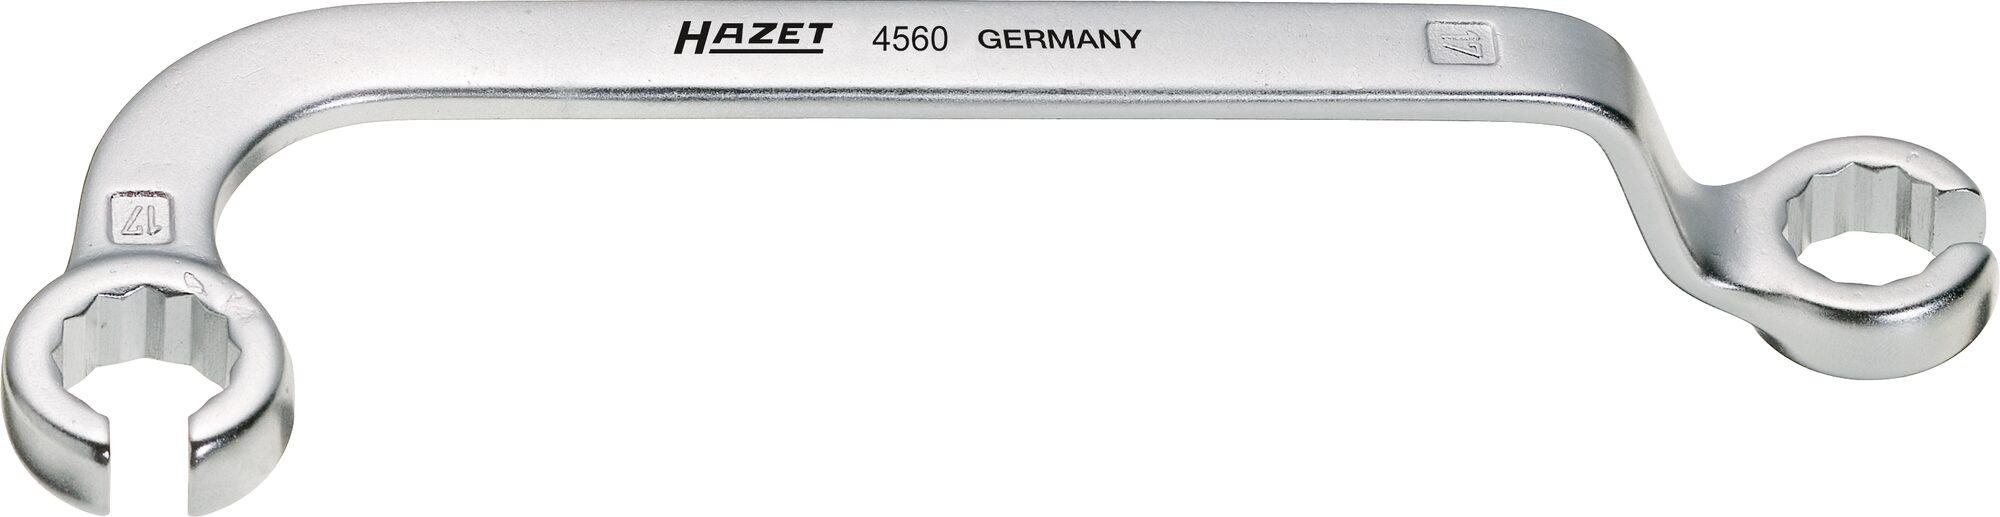 HAZET Einspritzleitungs-Schlüssel 4560 ∙ Außen-Doppel-Sechskant Profil ∙ 17 x 17 mm